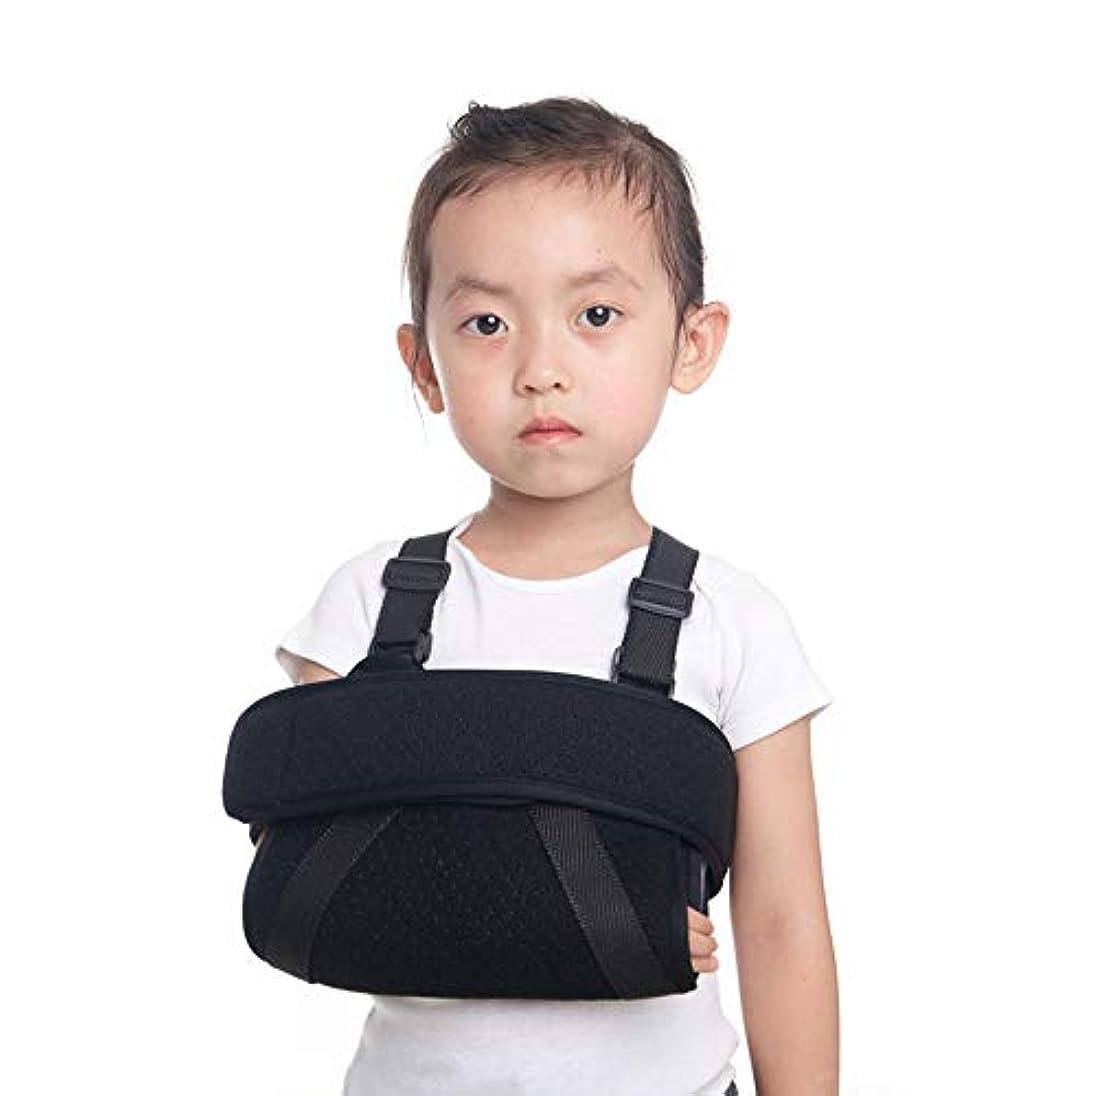 大いに大工笑いキッズフラクチャリングスリング、アームエルボーフラクチャ固定ブレース、6-10歳の子供の 手首脱臼保護サポート